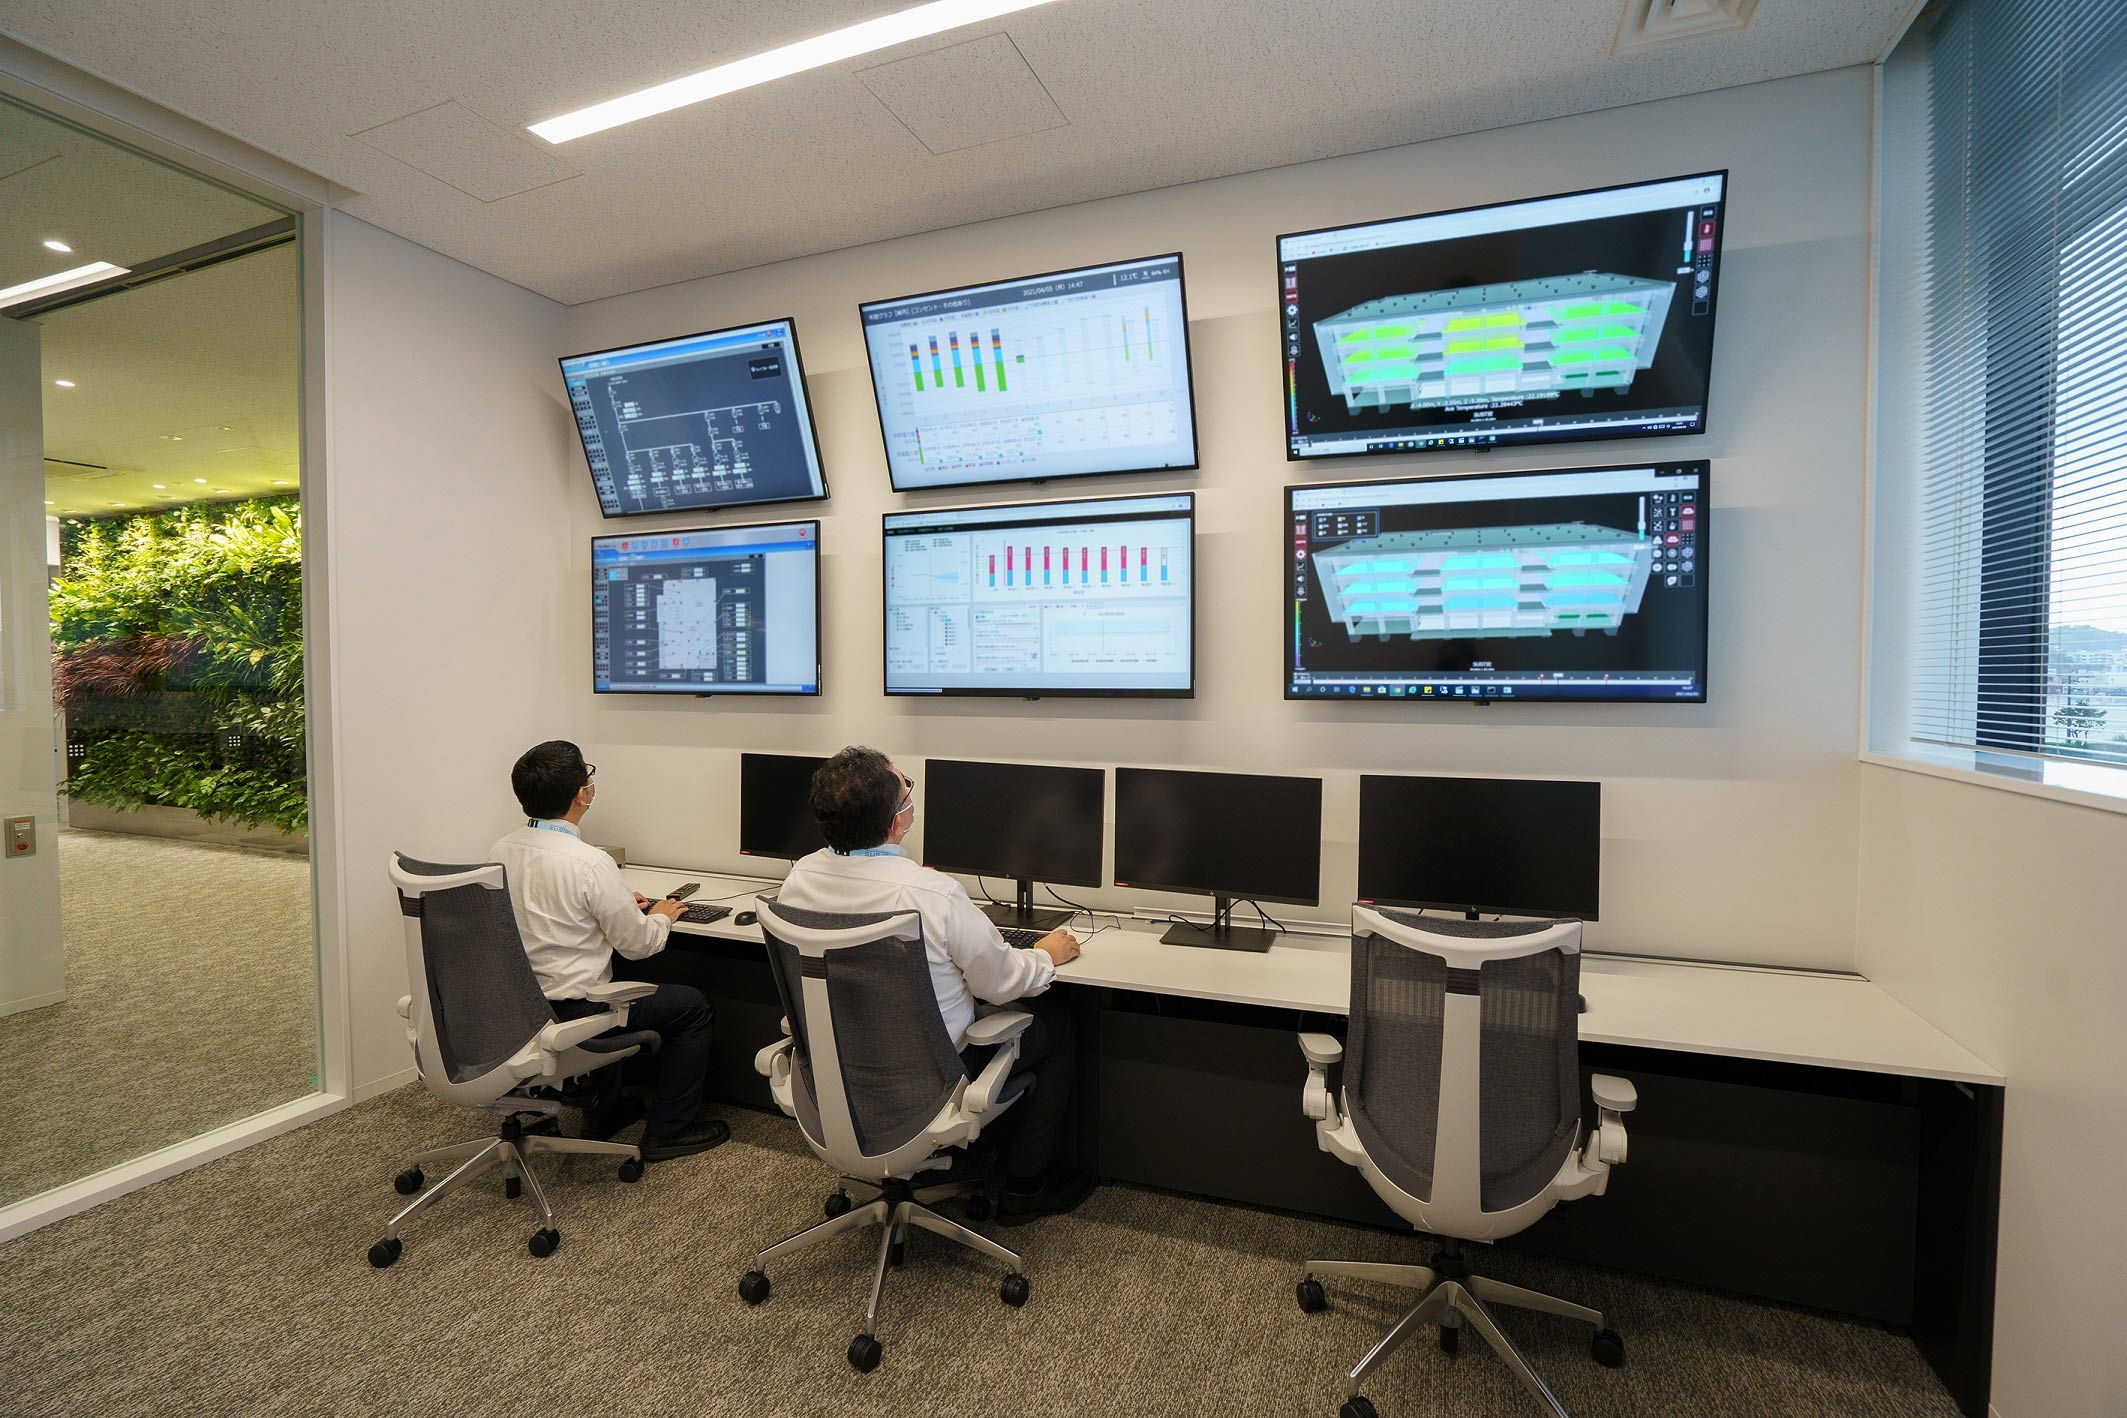 4階のオペレーションセンター。330個のセンサーからデータを取得し、消費エネルギー量や室内の快適性を予測。空調や照明などの稼働を最適化する(写真:三菱電機)